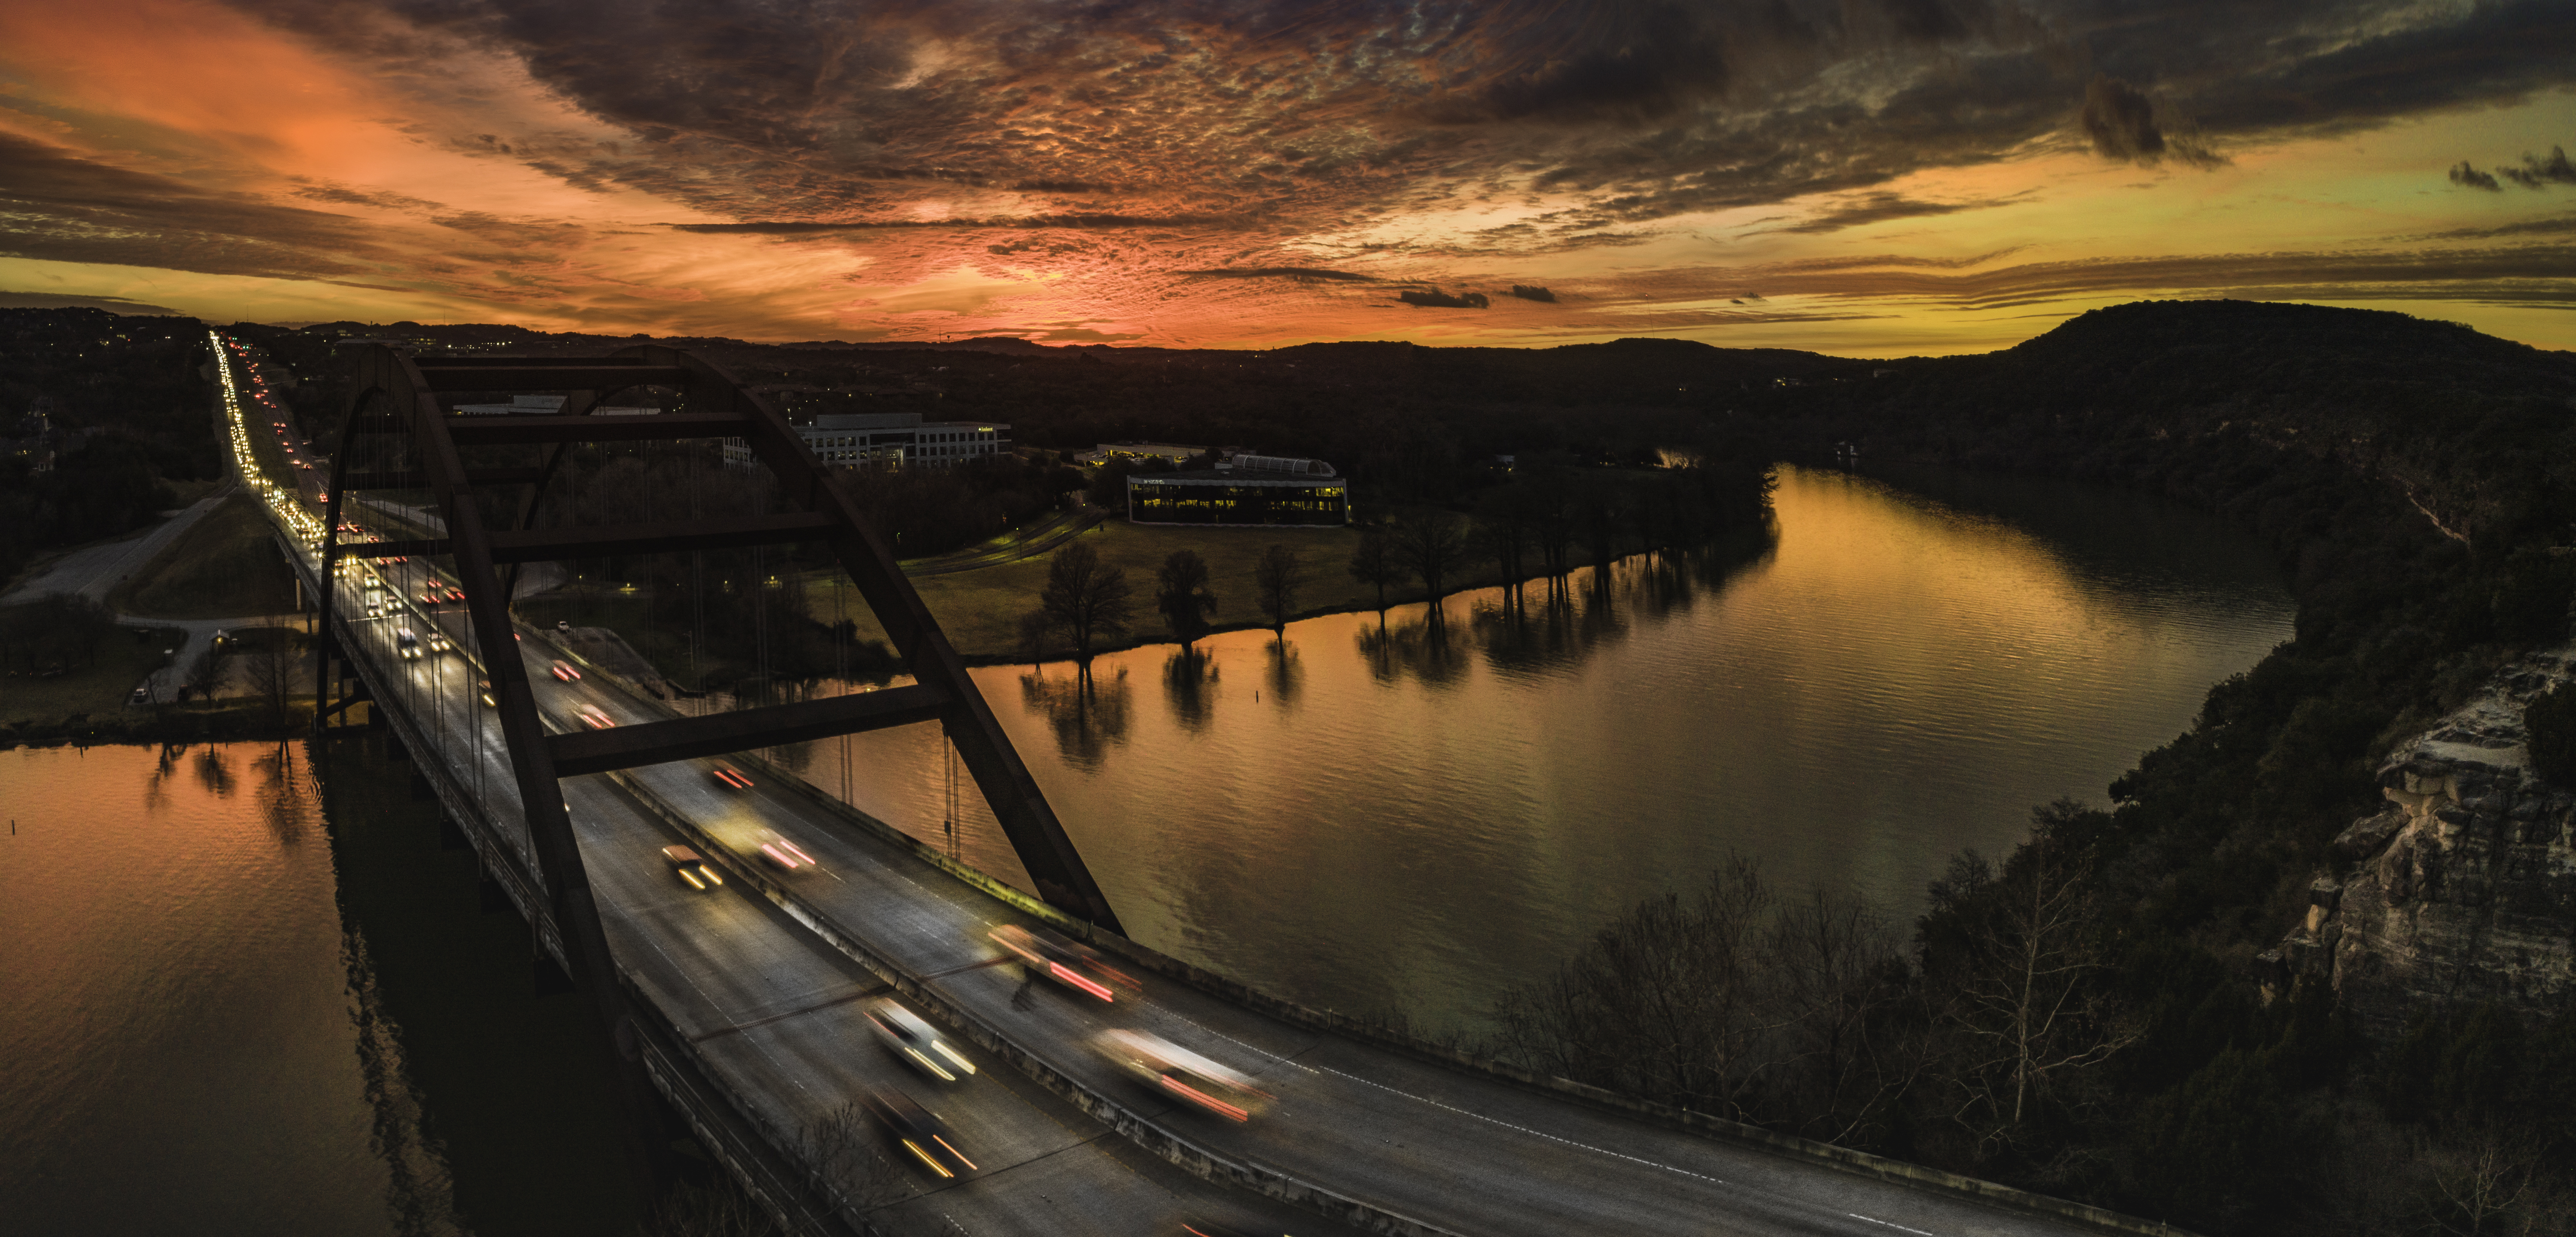 Mount Bonnell, Mt Bonnell, Austin, Tx, Usa Sunrise Sunset Times In Sunrise Sunset Times Austin Texas